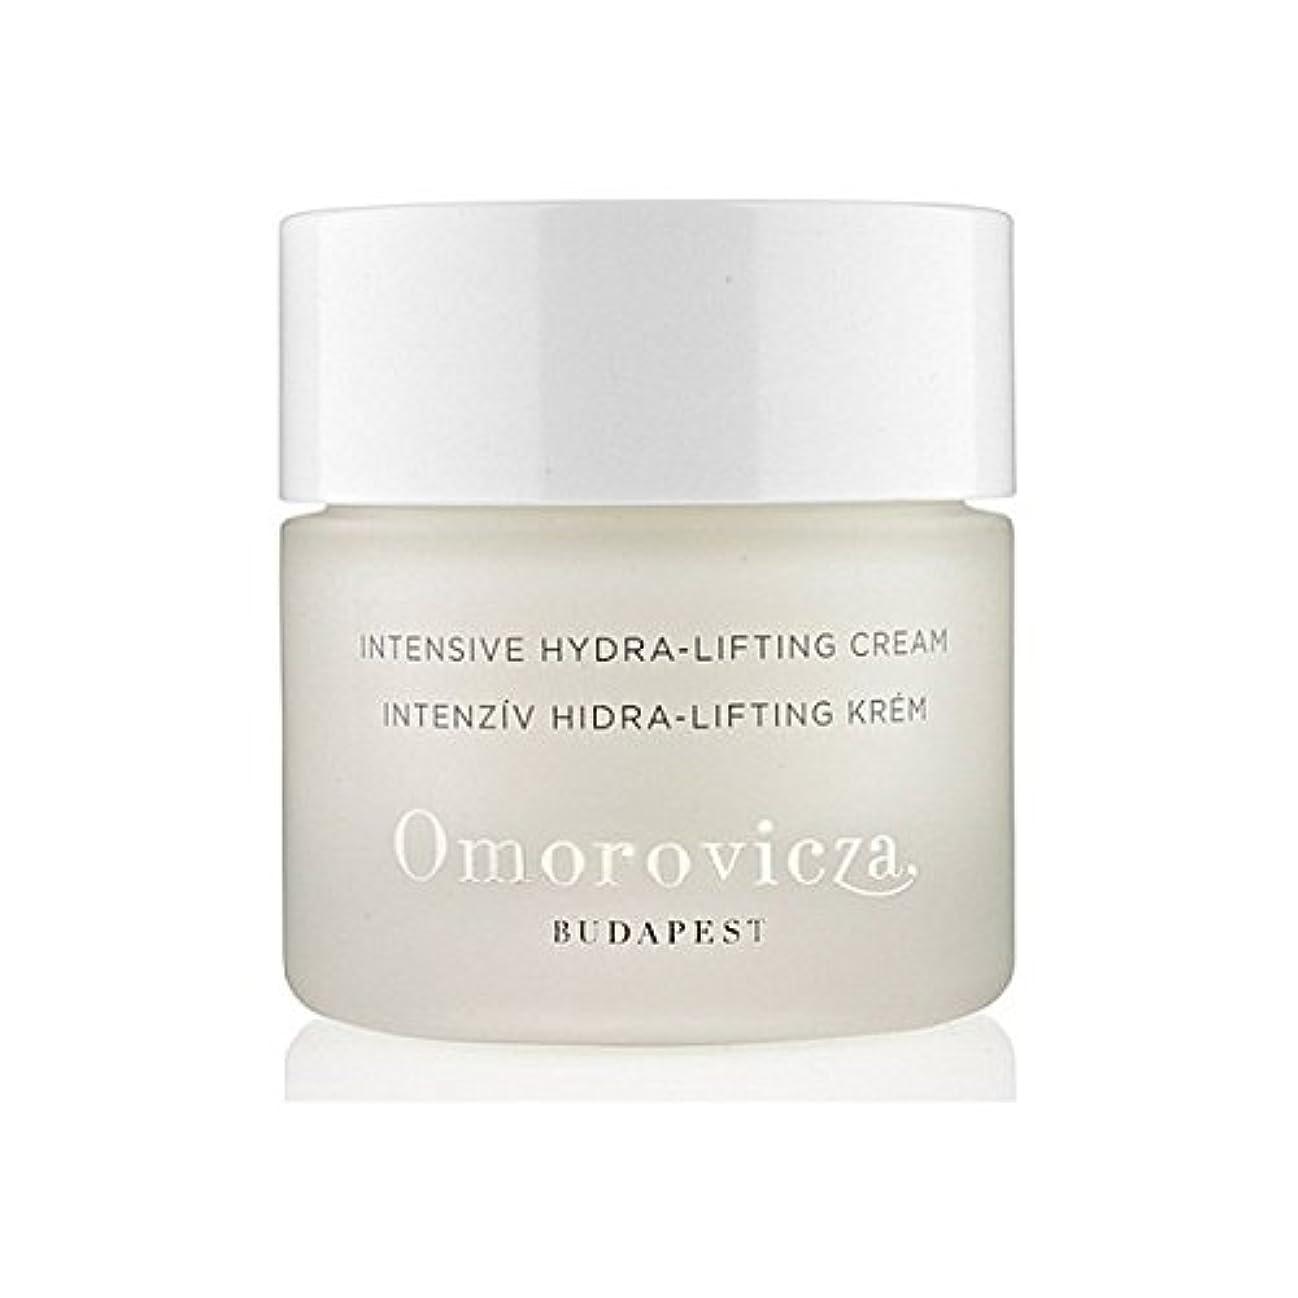 考古学者動作振り子集中的なヒドラリフティングクリーム50 x2 - Omorovicza Intensive Hydra-Lifting Cream 50Ml (Pack of 2) [並行輸入品]